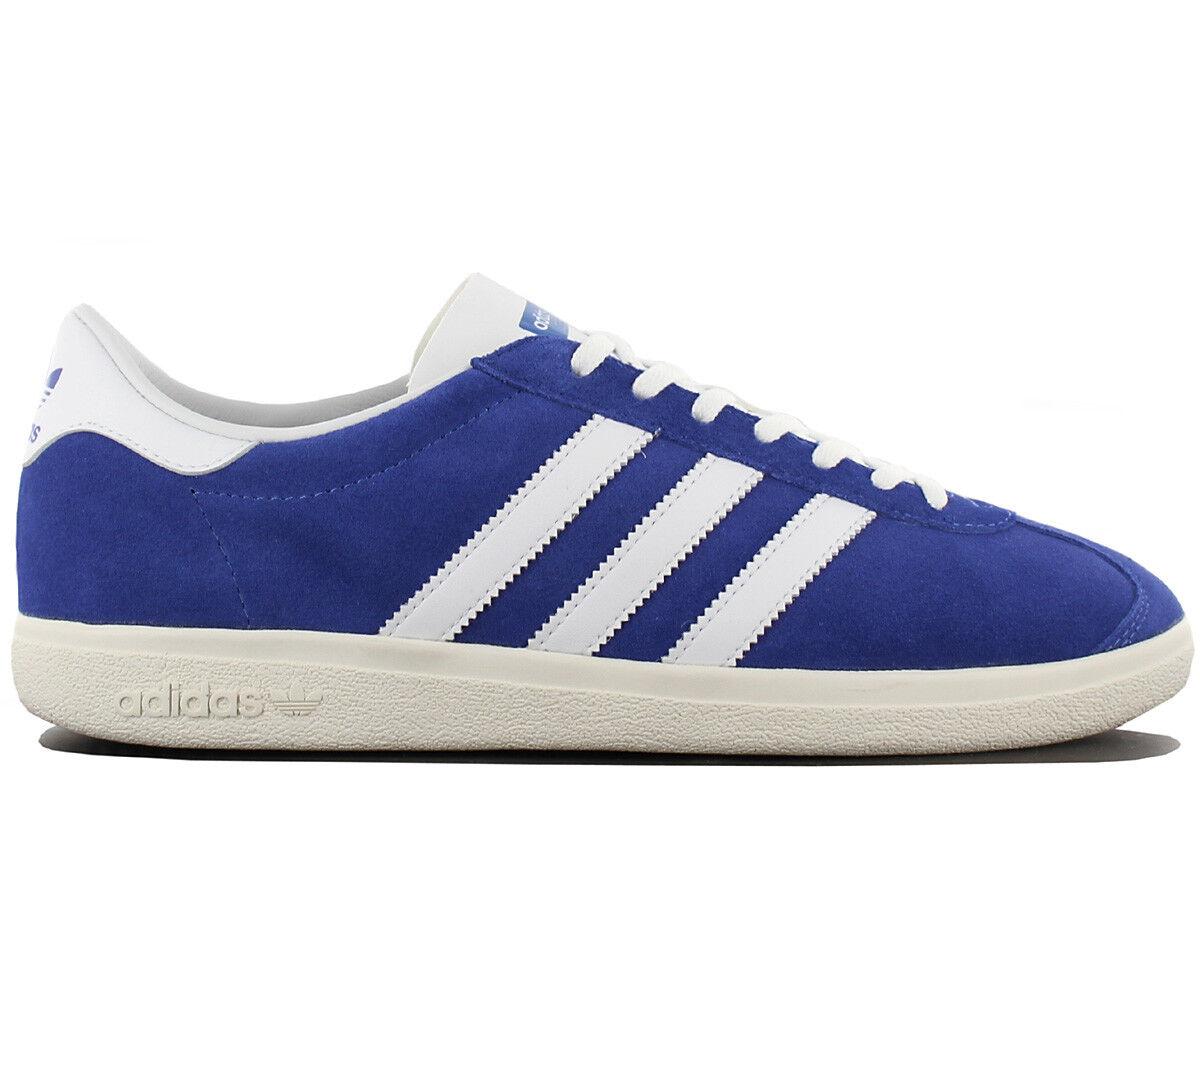 Adidas Originals Jogger Spécial Spzl Homme Baskets Retro Chaussures Bleu BA7726